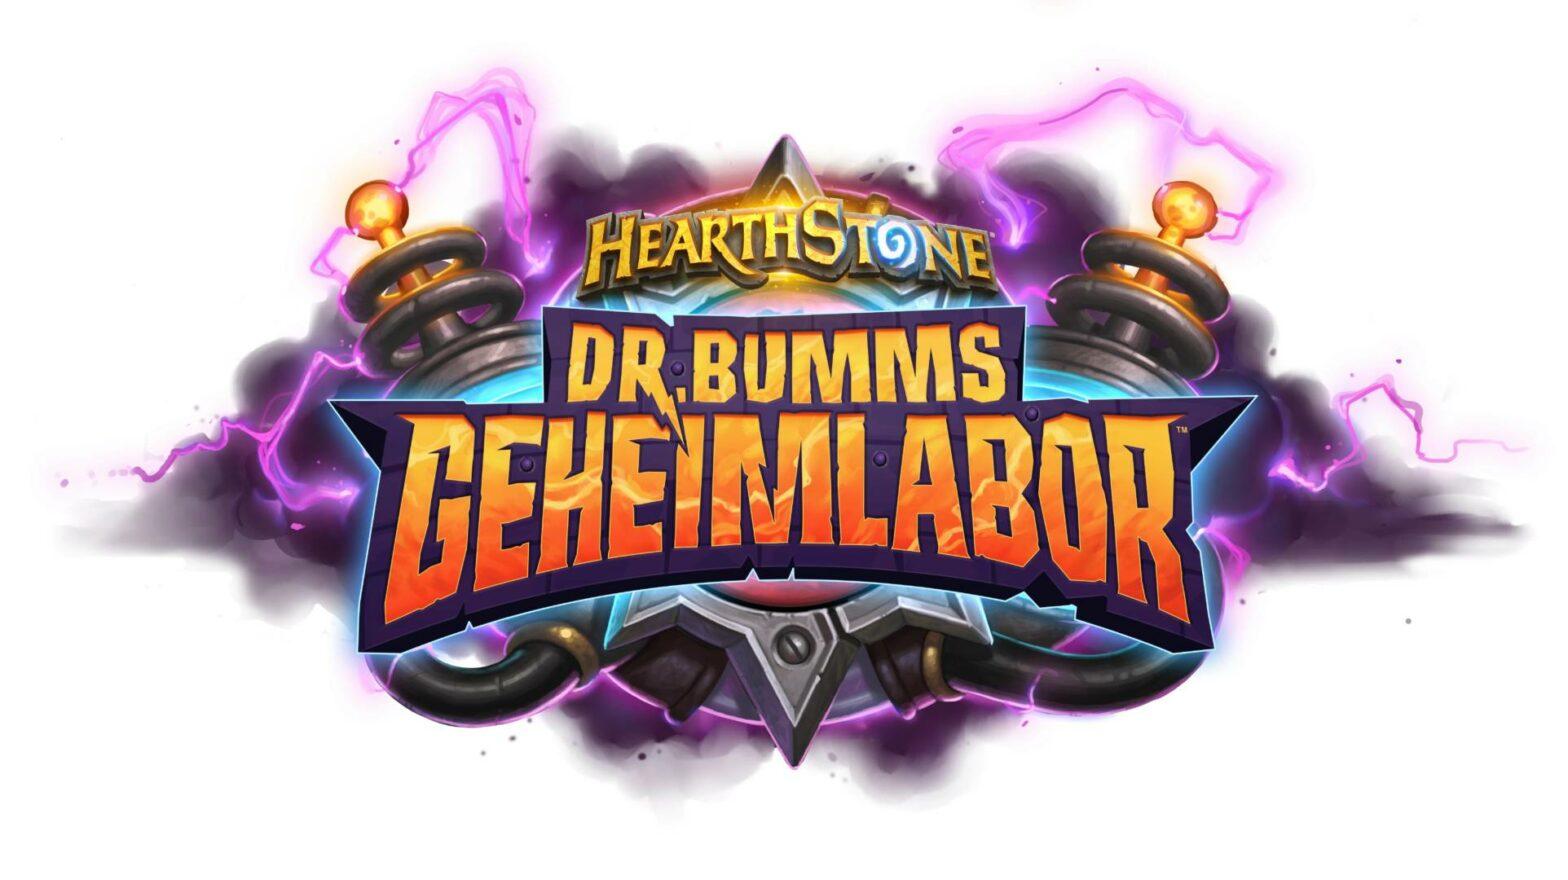 Hearthstone: Dr. Bumms Geheimlabor ist geöffnet